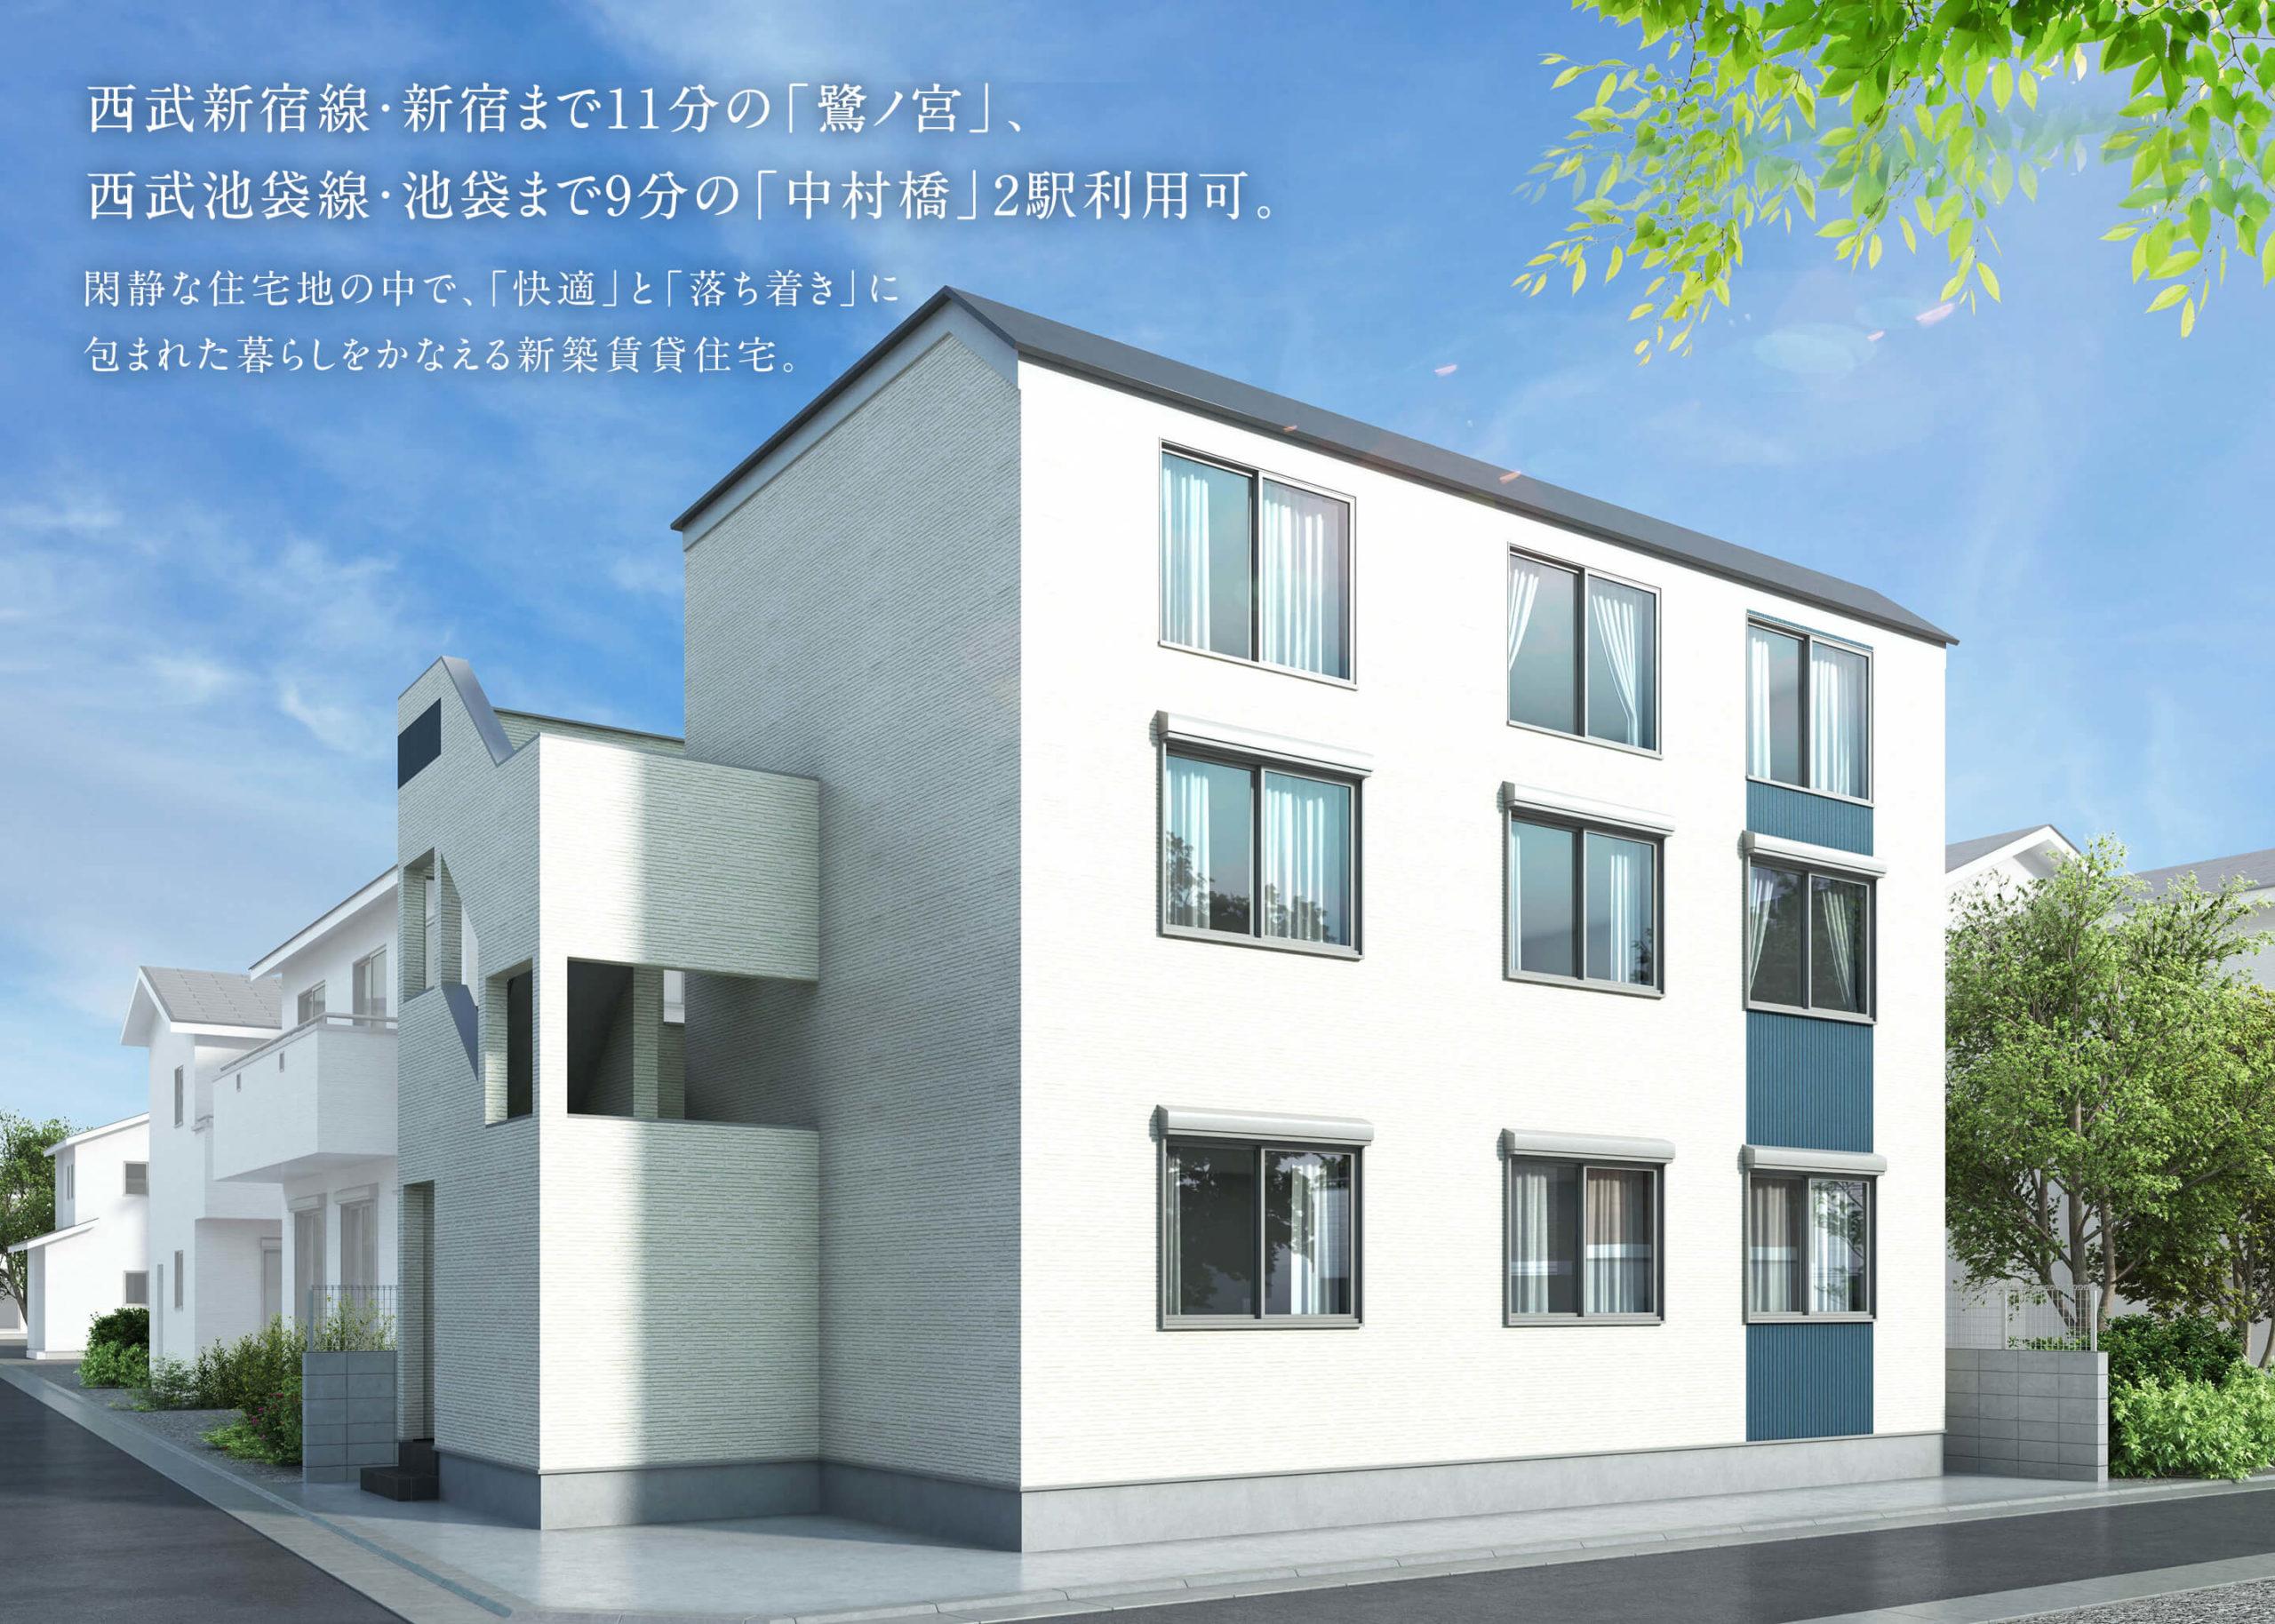 西武新宿線・新宿まで11分の「鷺ノ宮」、 西武池袋線・池袋まで9分の「中村橋」2駅利用可。